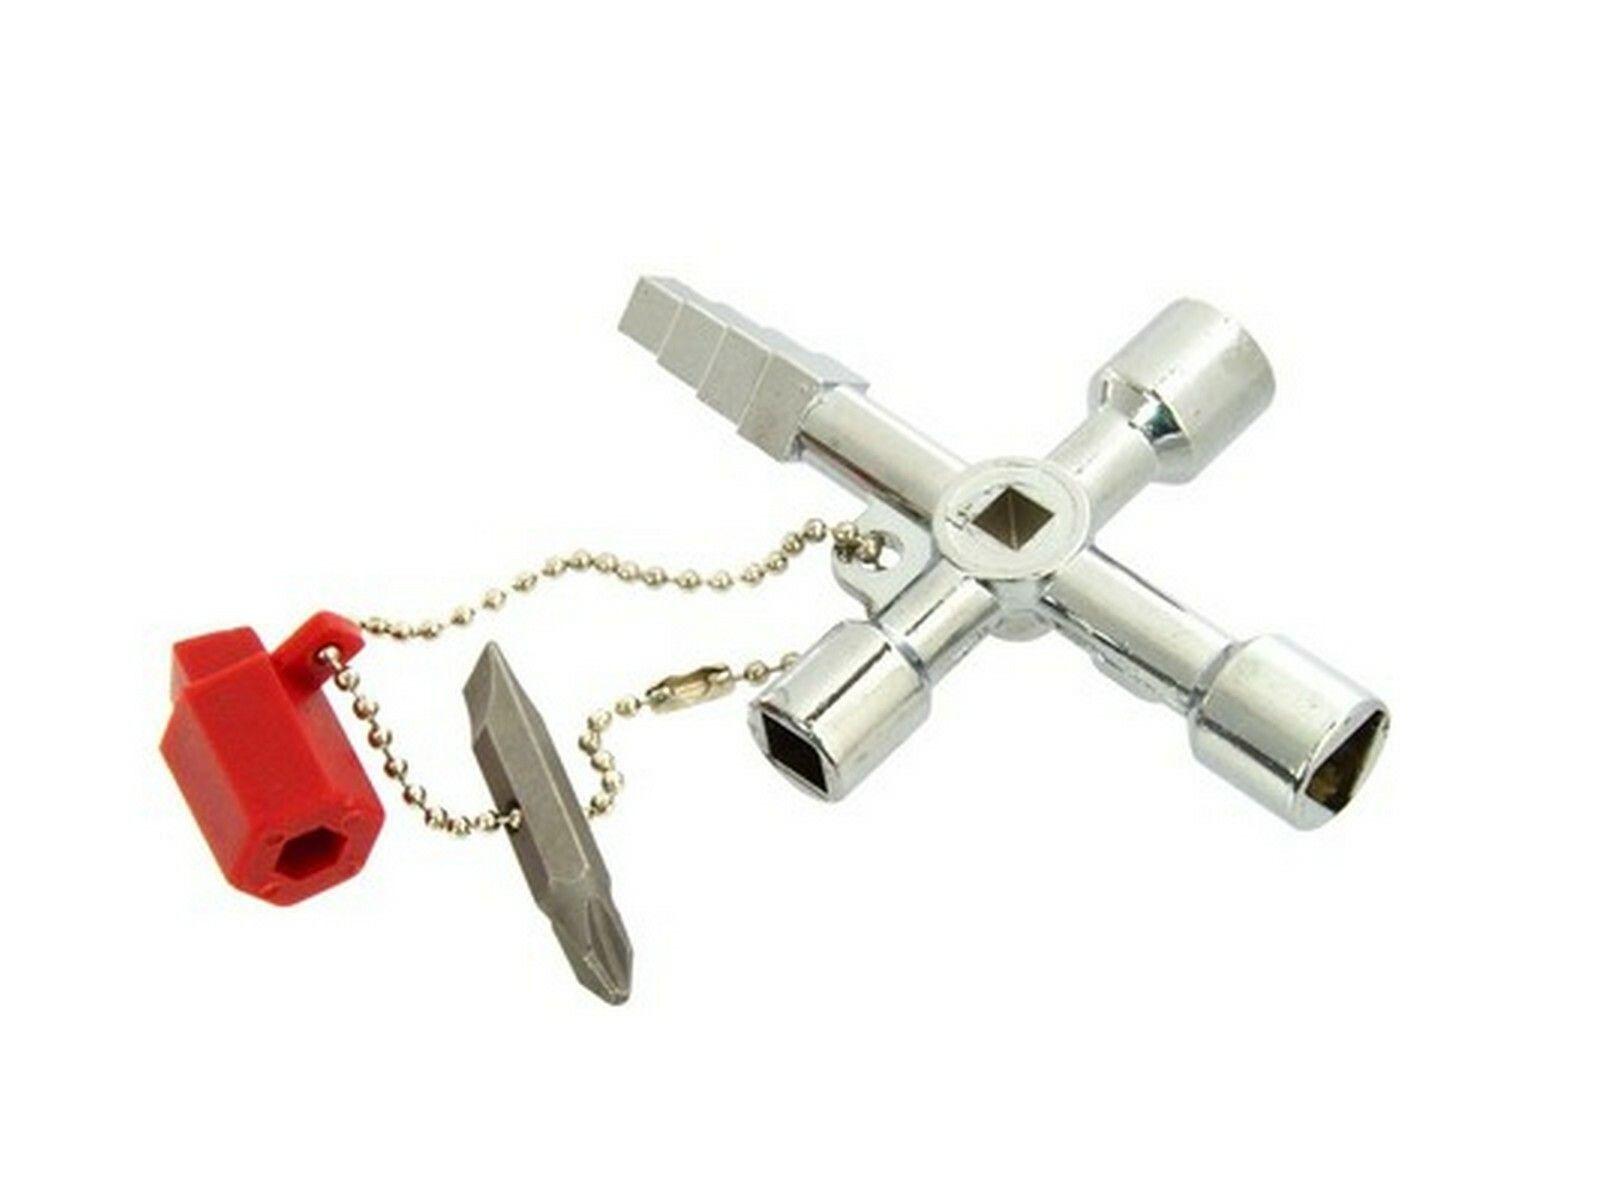 Univerzální klíč na řetízku pro technické skříně, 4 druhy klíčů + bit, GEKO